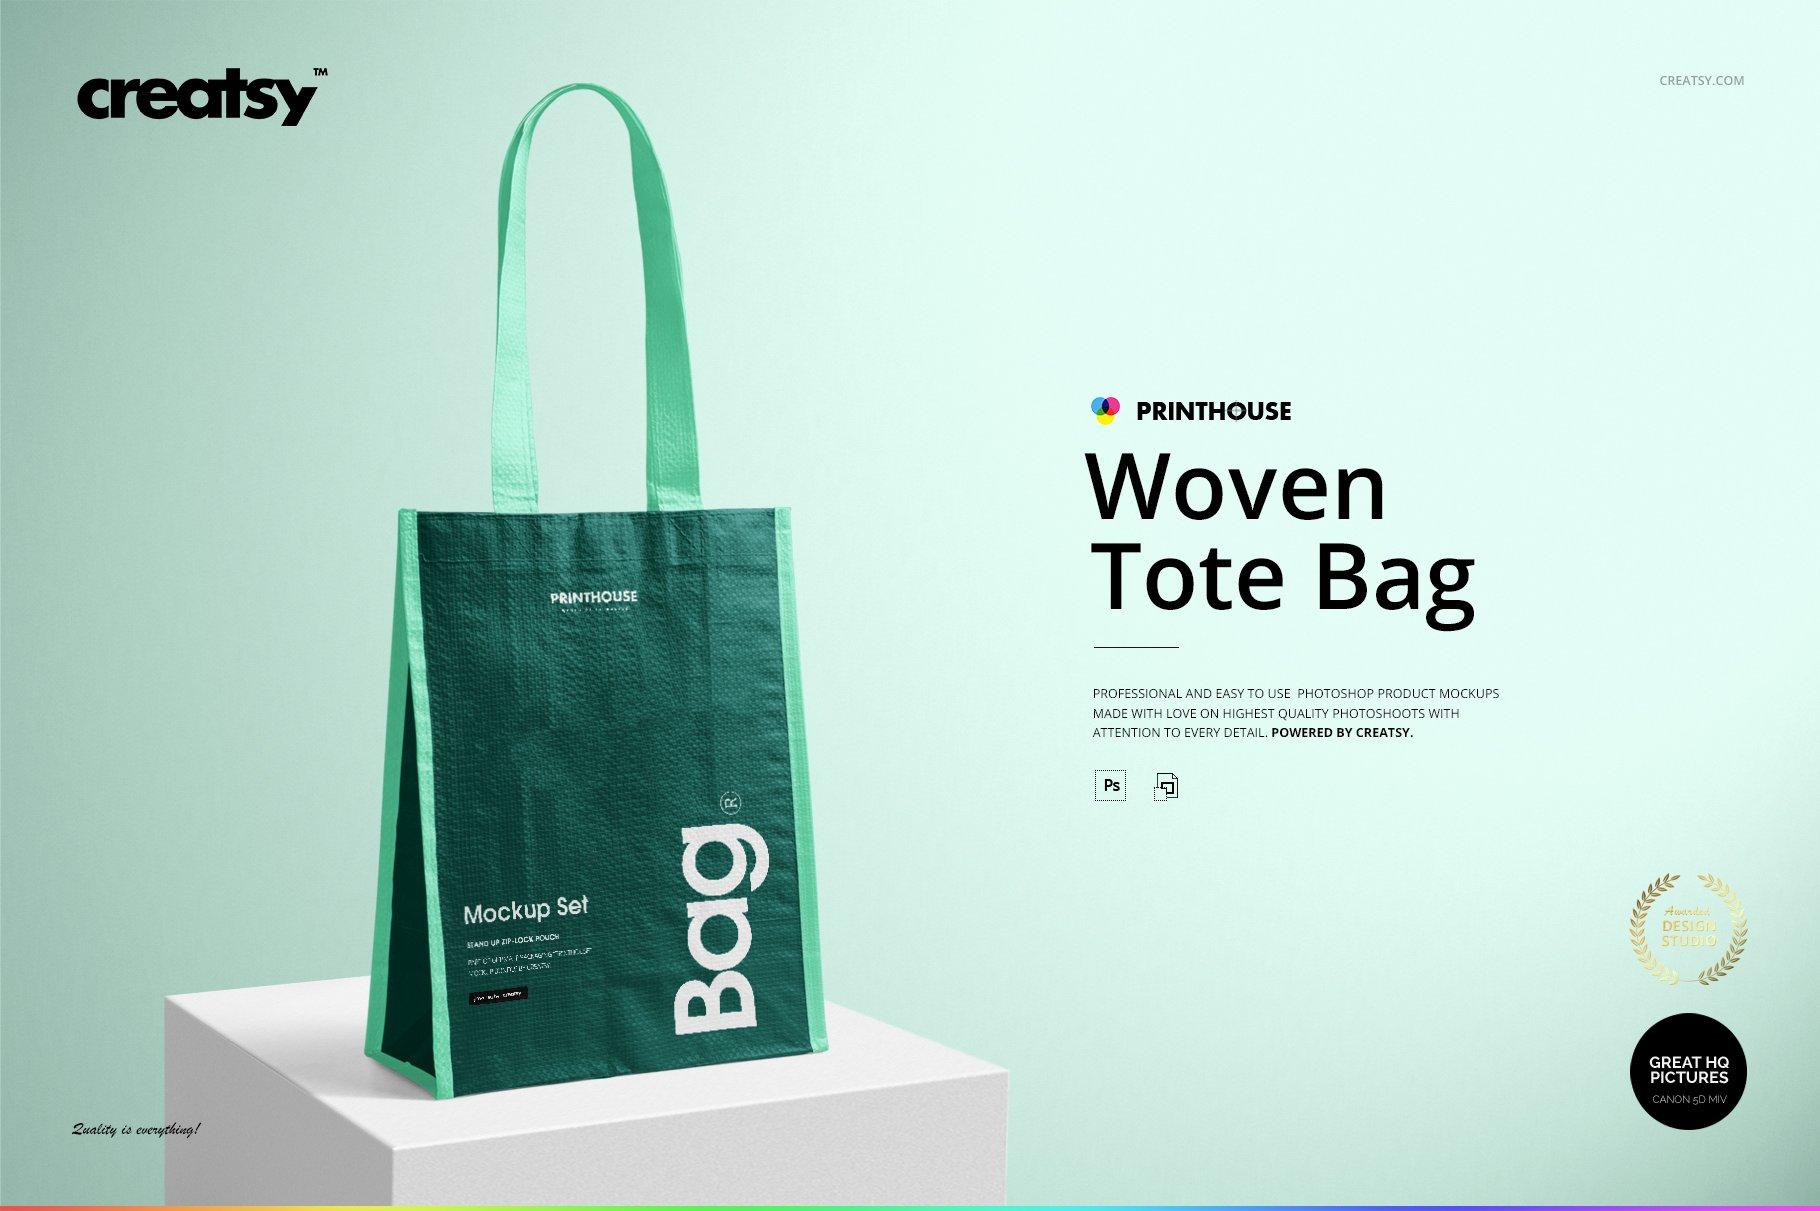 时尚编织手提购物袋设计展示贴图样机模板合集 Woven Tote Bag Mockup Set插图